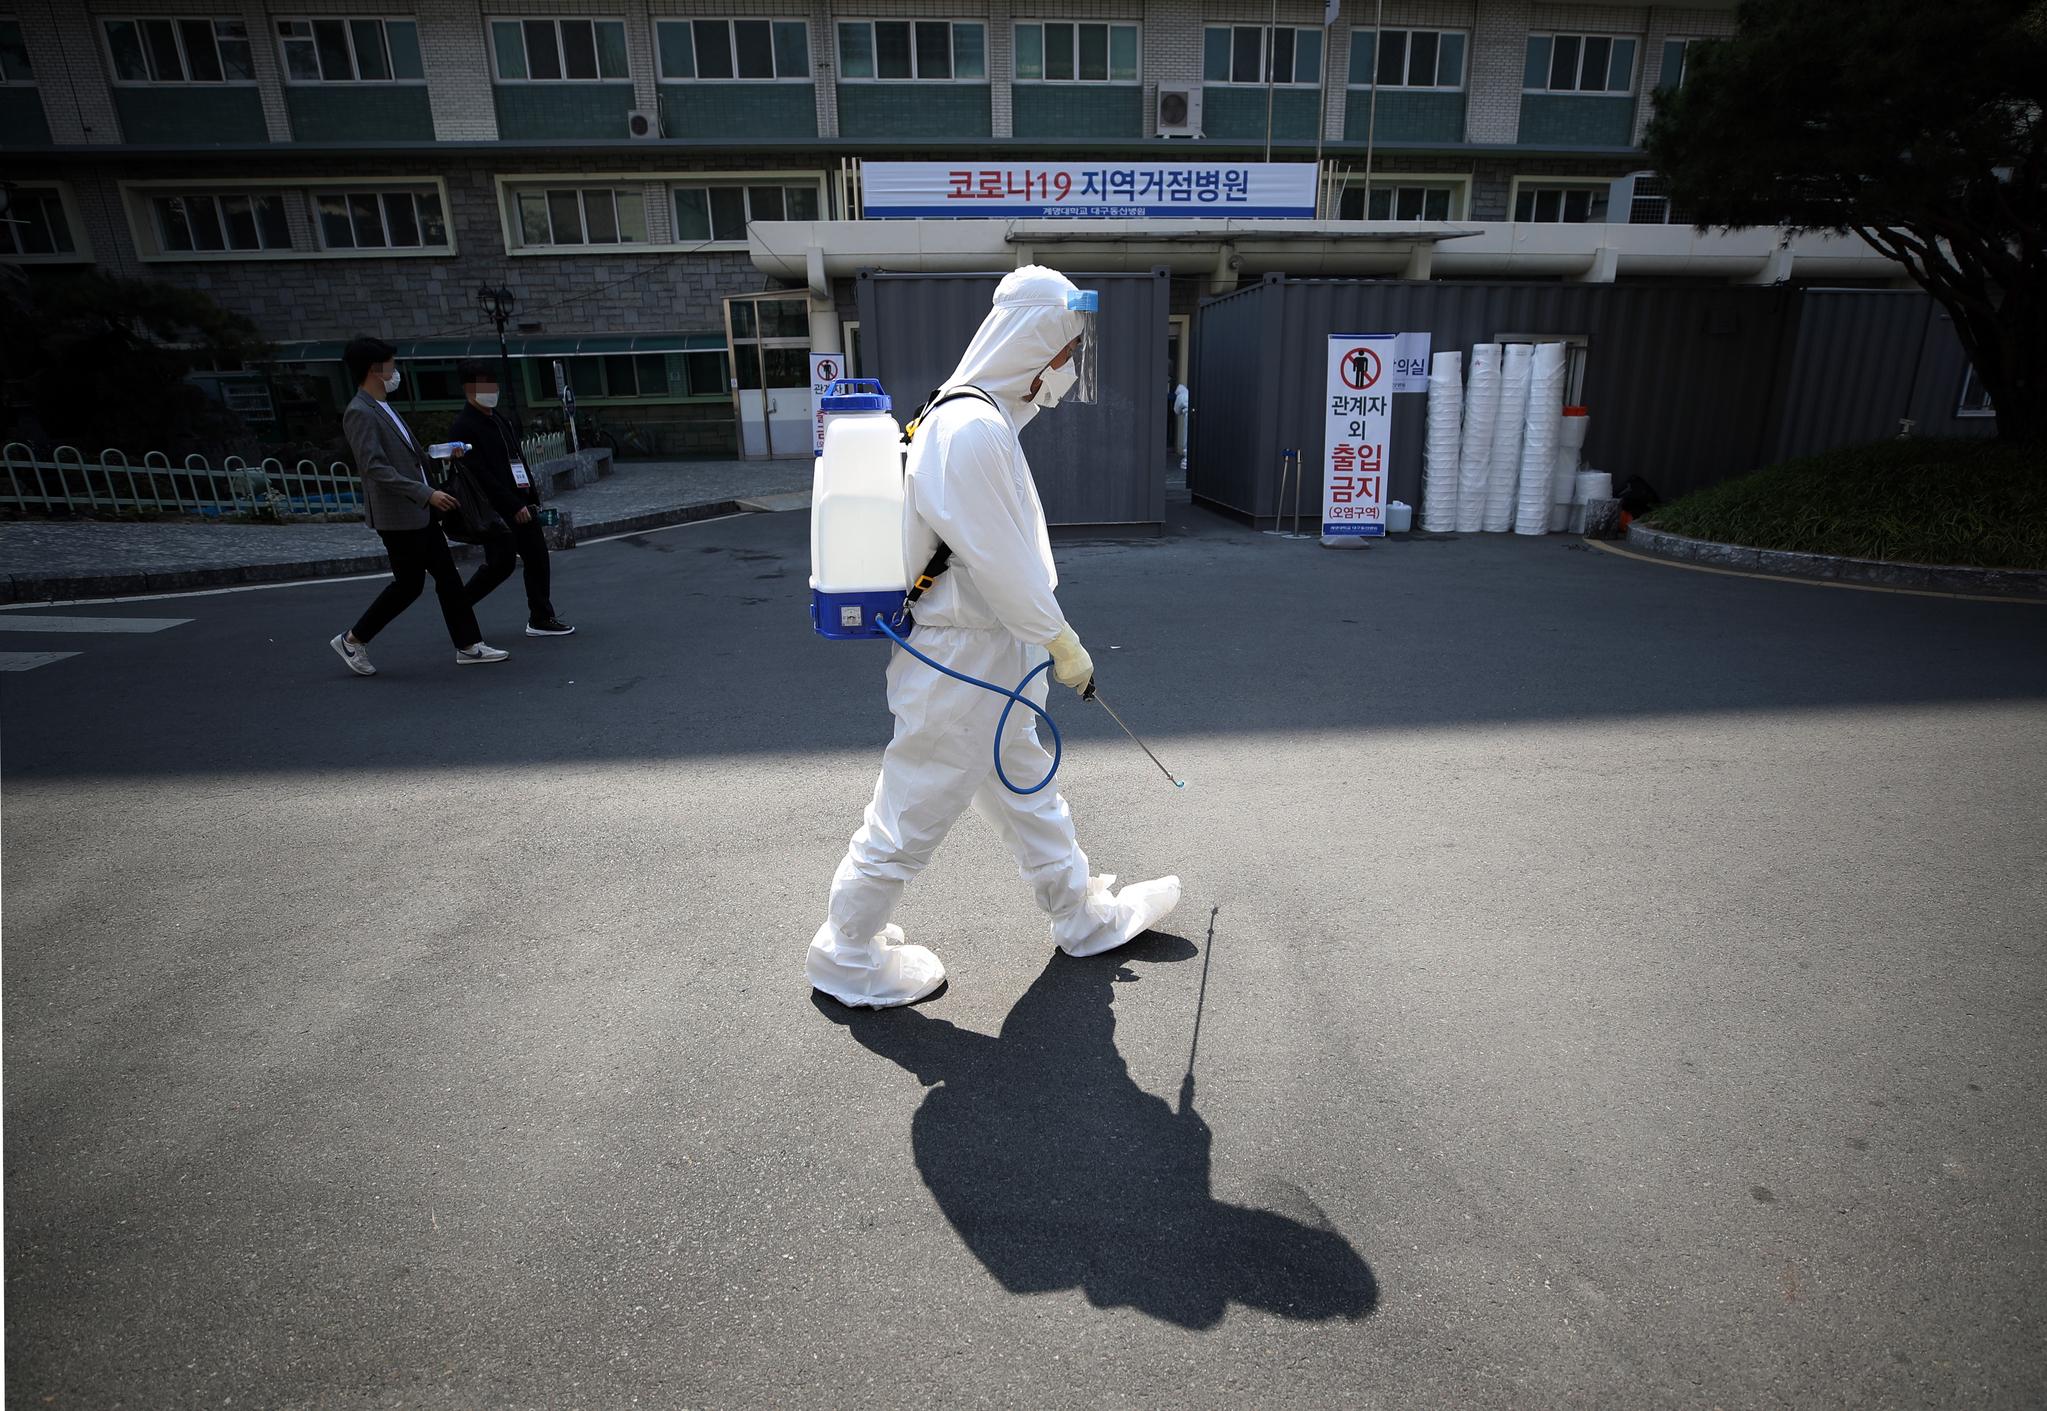 25일 대구시 중구 계명대학교 대구동산병원에서 한 관계자가 방역 작업을 하고 있다. 연합뉴스